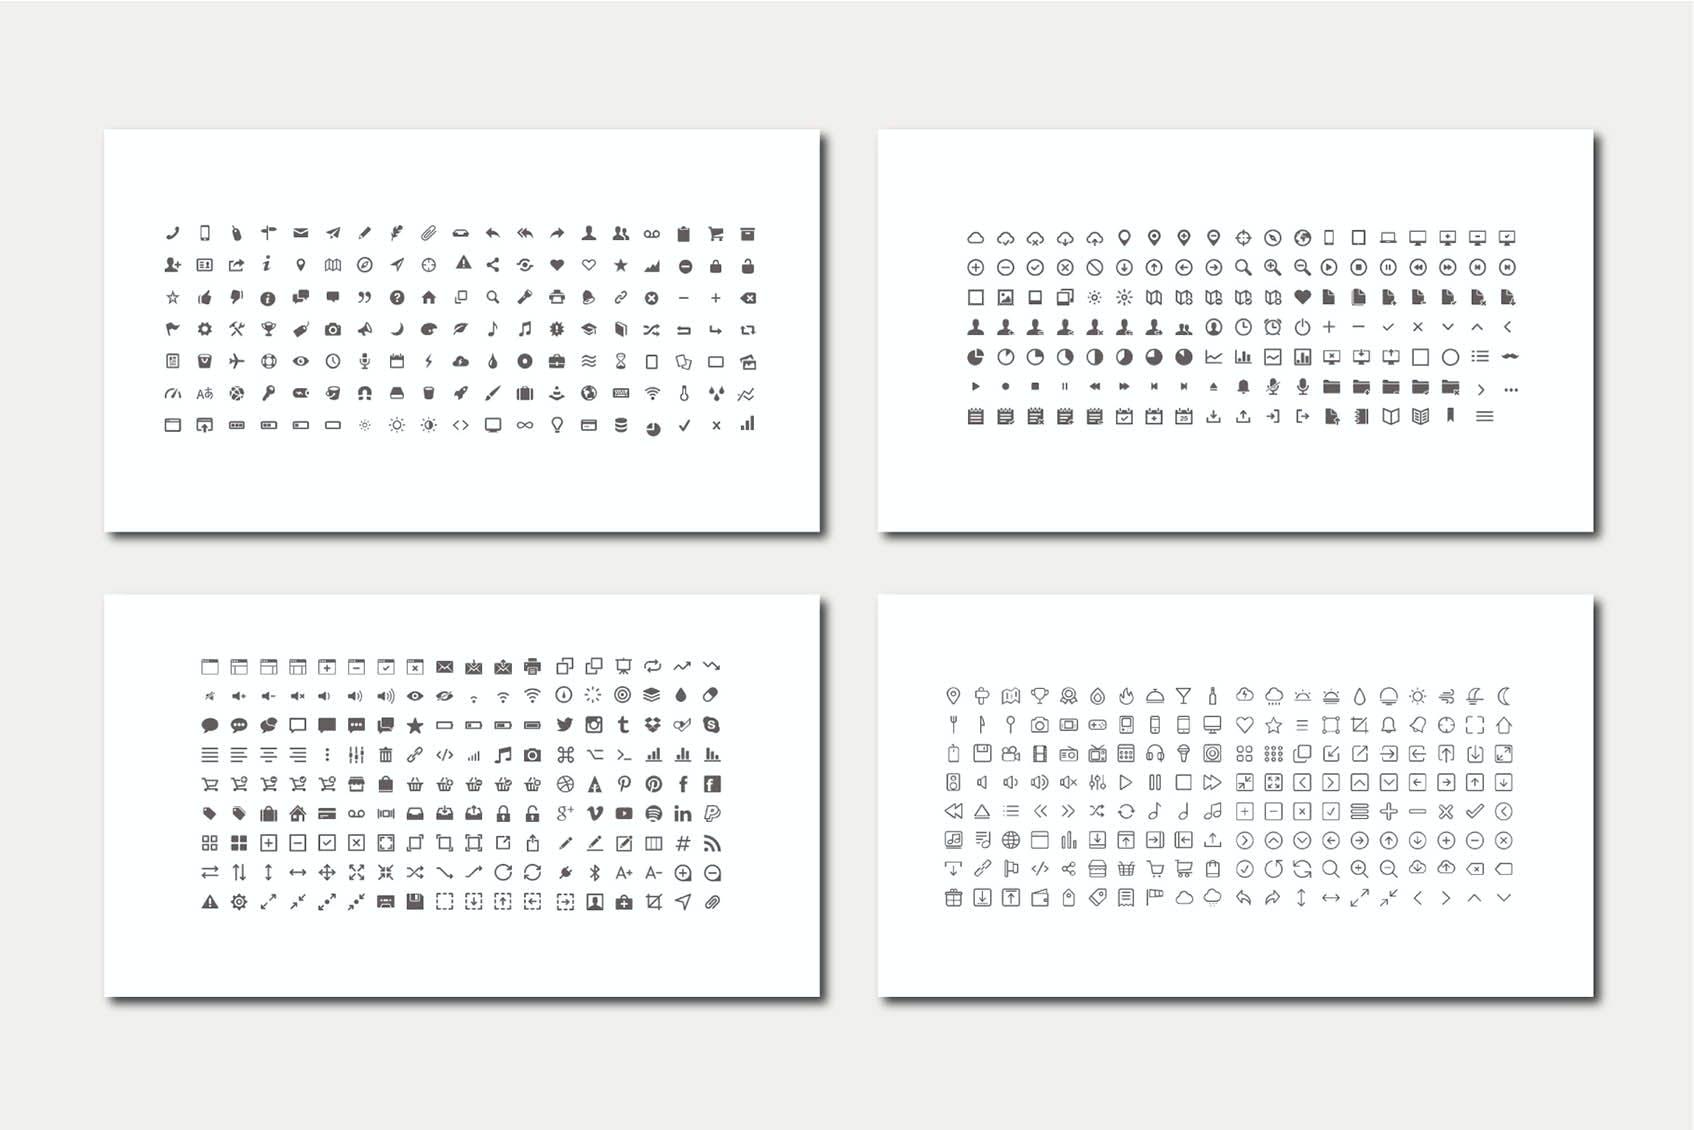 时尚简约摄影作品集图文排版设计演示文稿模板 Audrey – Powerpoint Template插图(7)